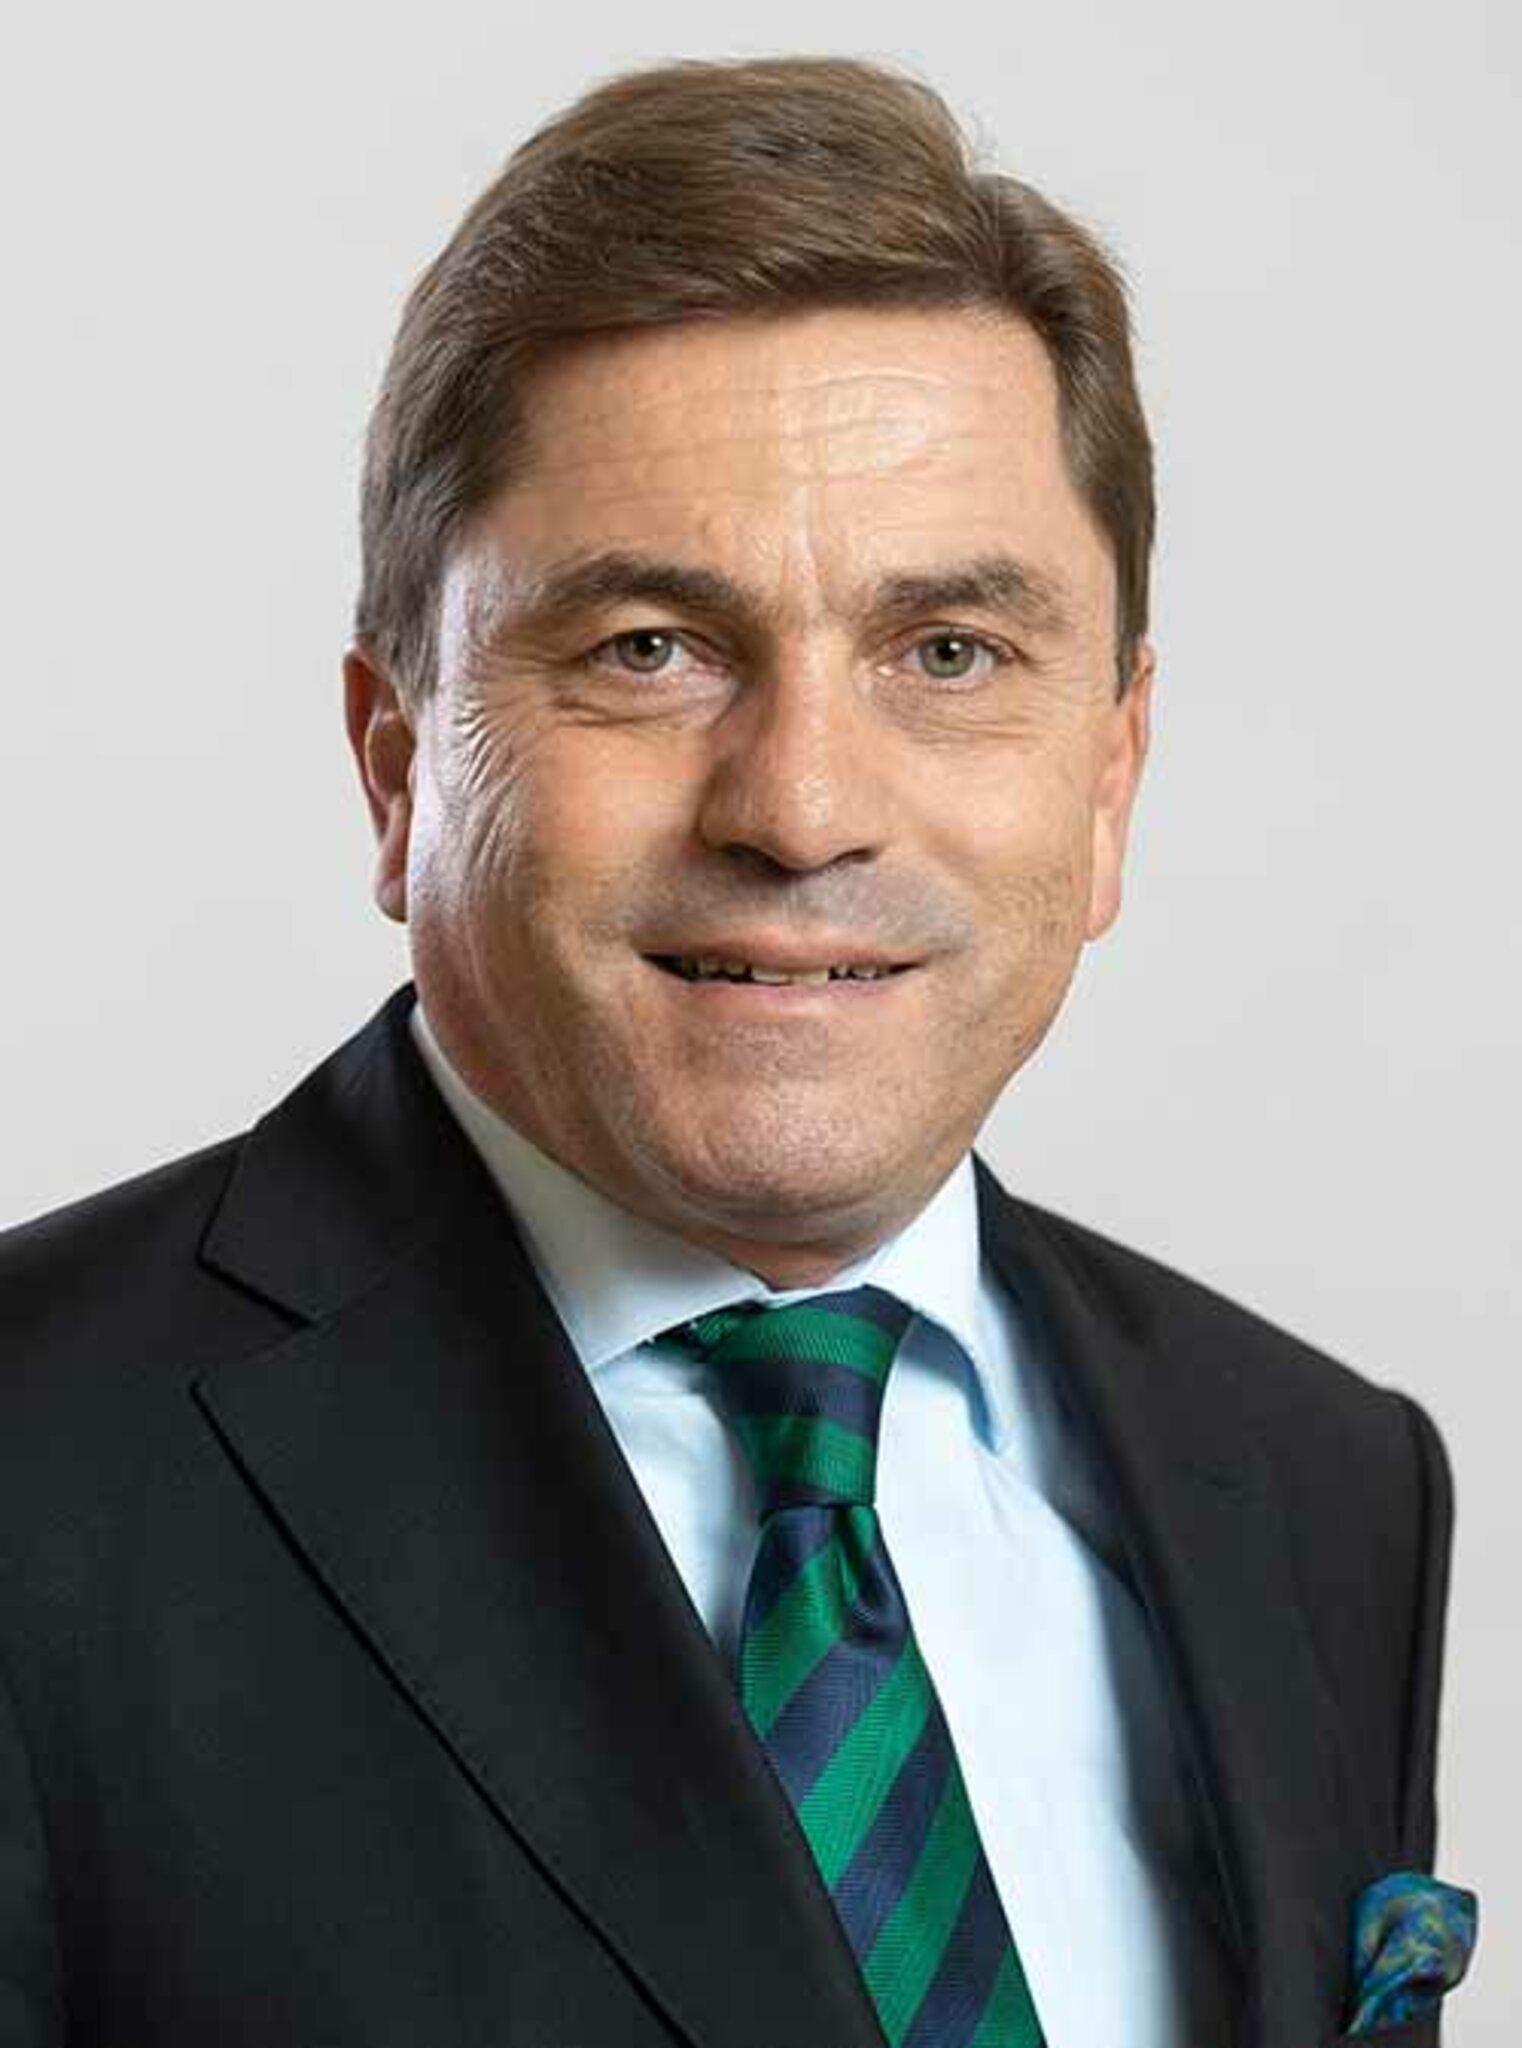 Helmut Wohnout